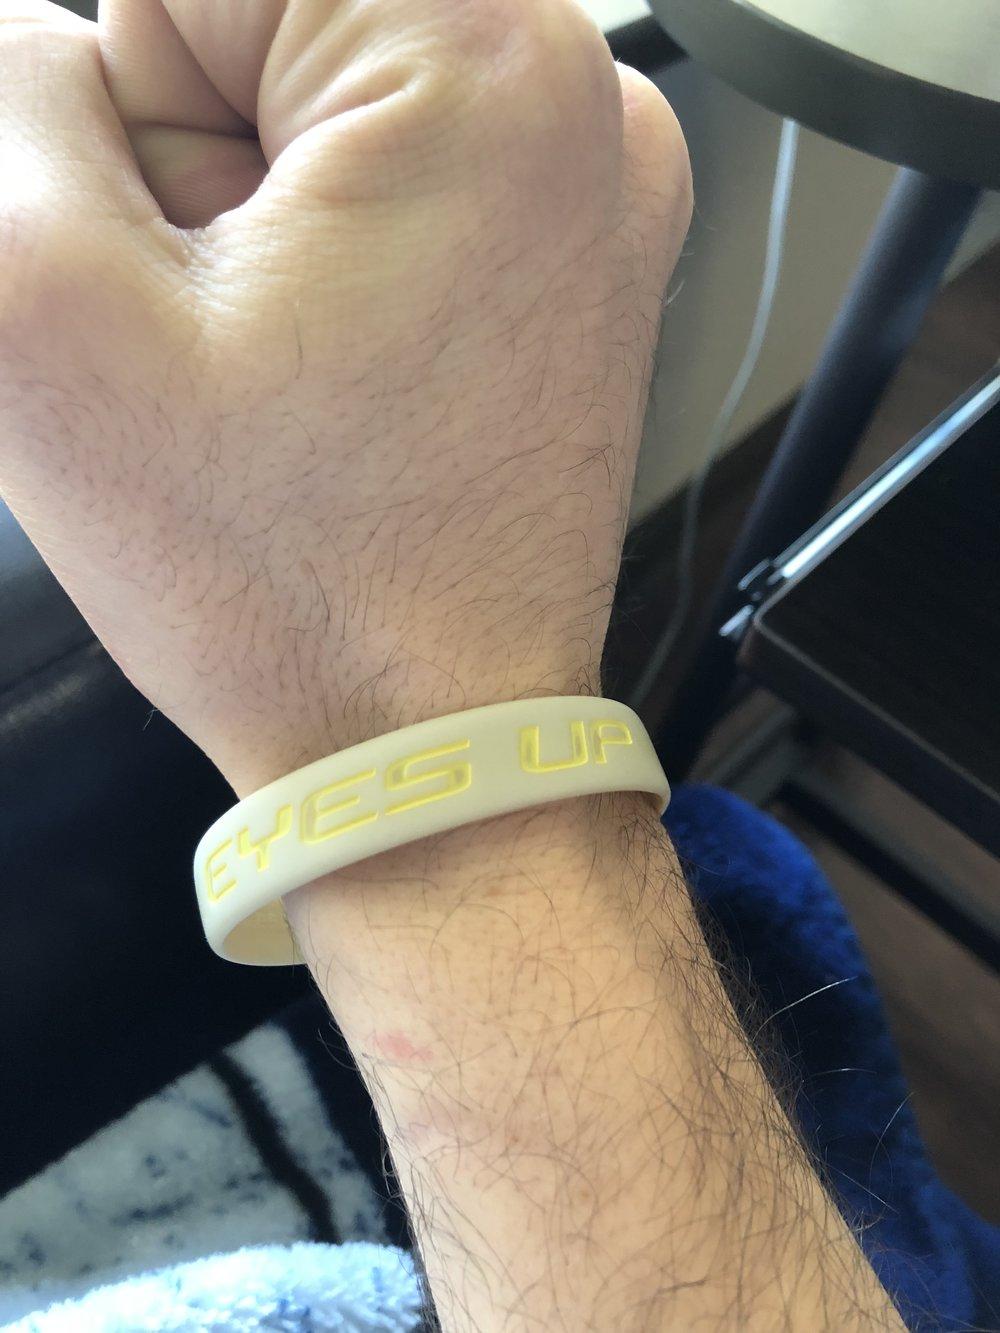 Wristband.jpeg